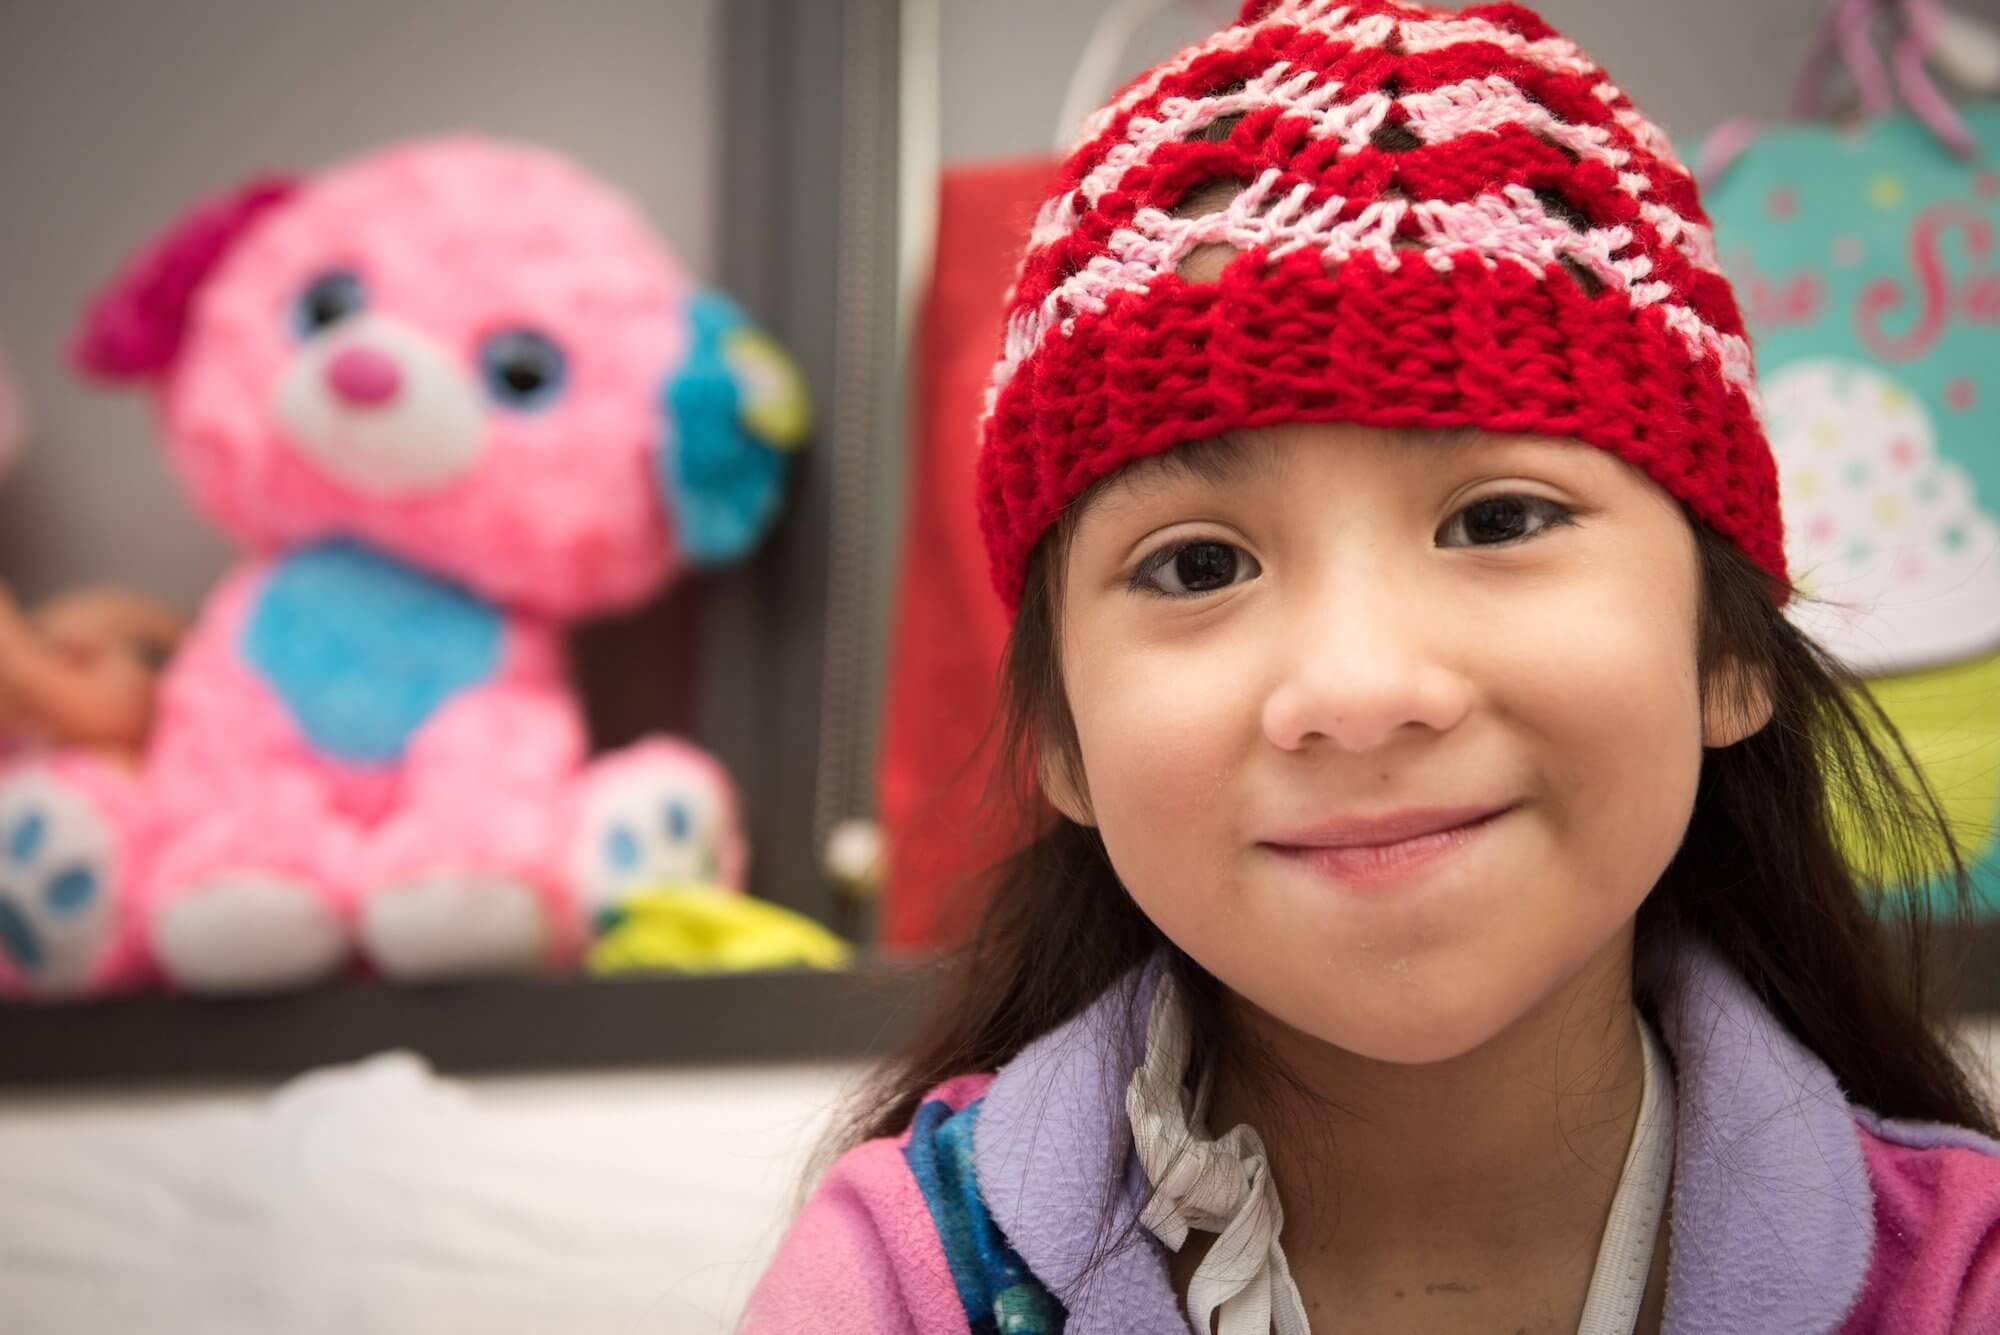 (Photo: Allen S. Kramer/Texas Children's Hospital)